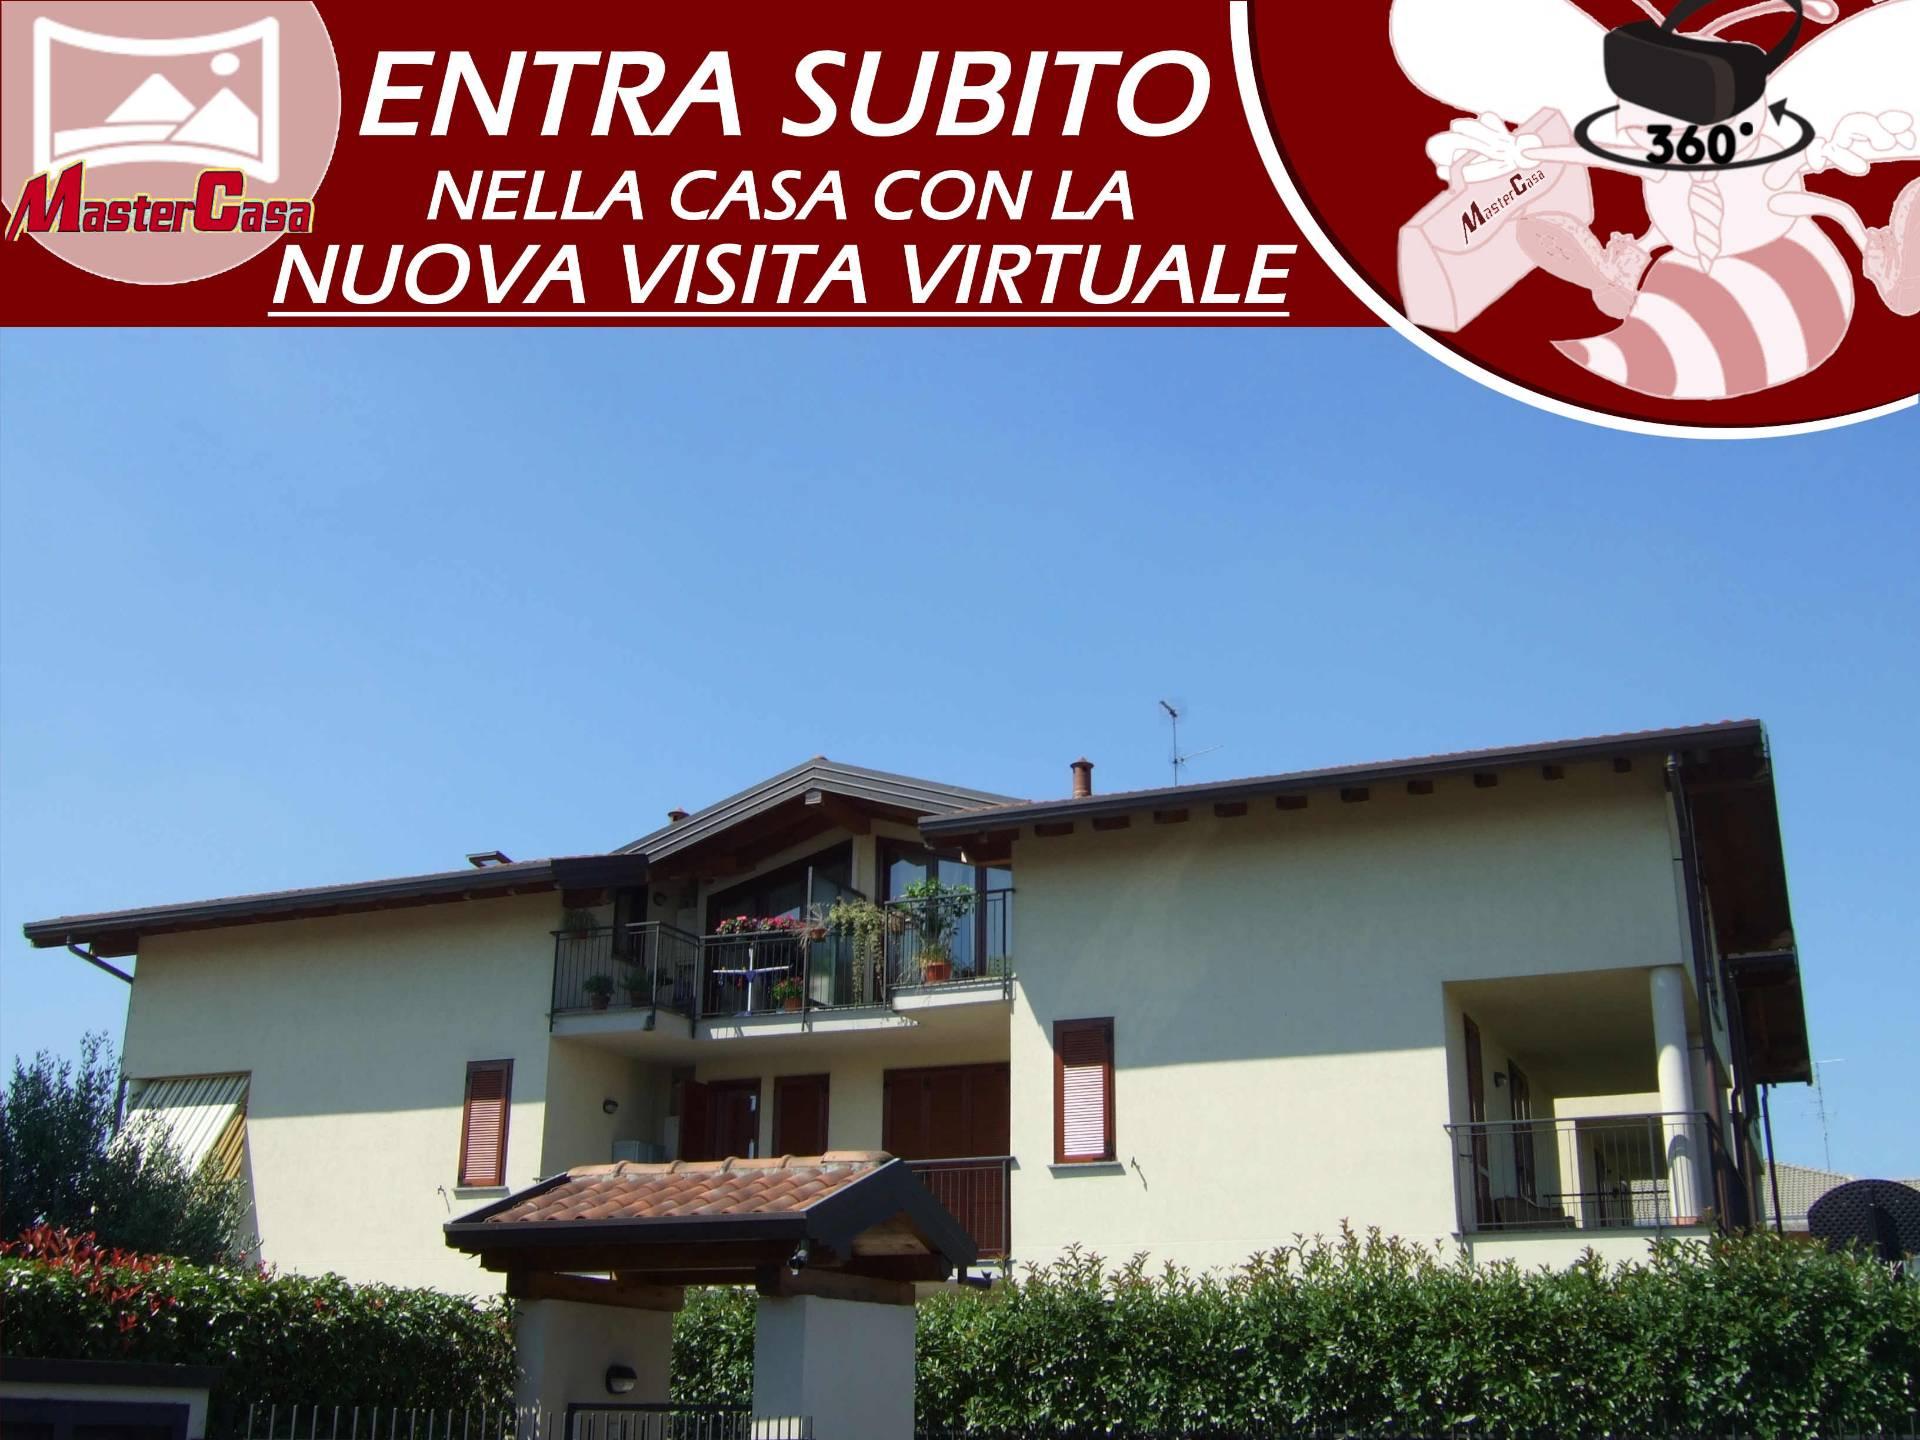 Appartamento in vendita a Lonate Ceppino, 3 locali, prezzo € 124.000 | PortaleAgenzieImmobiliari.it